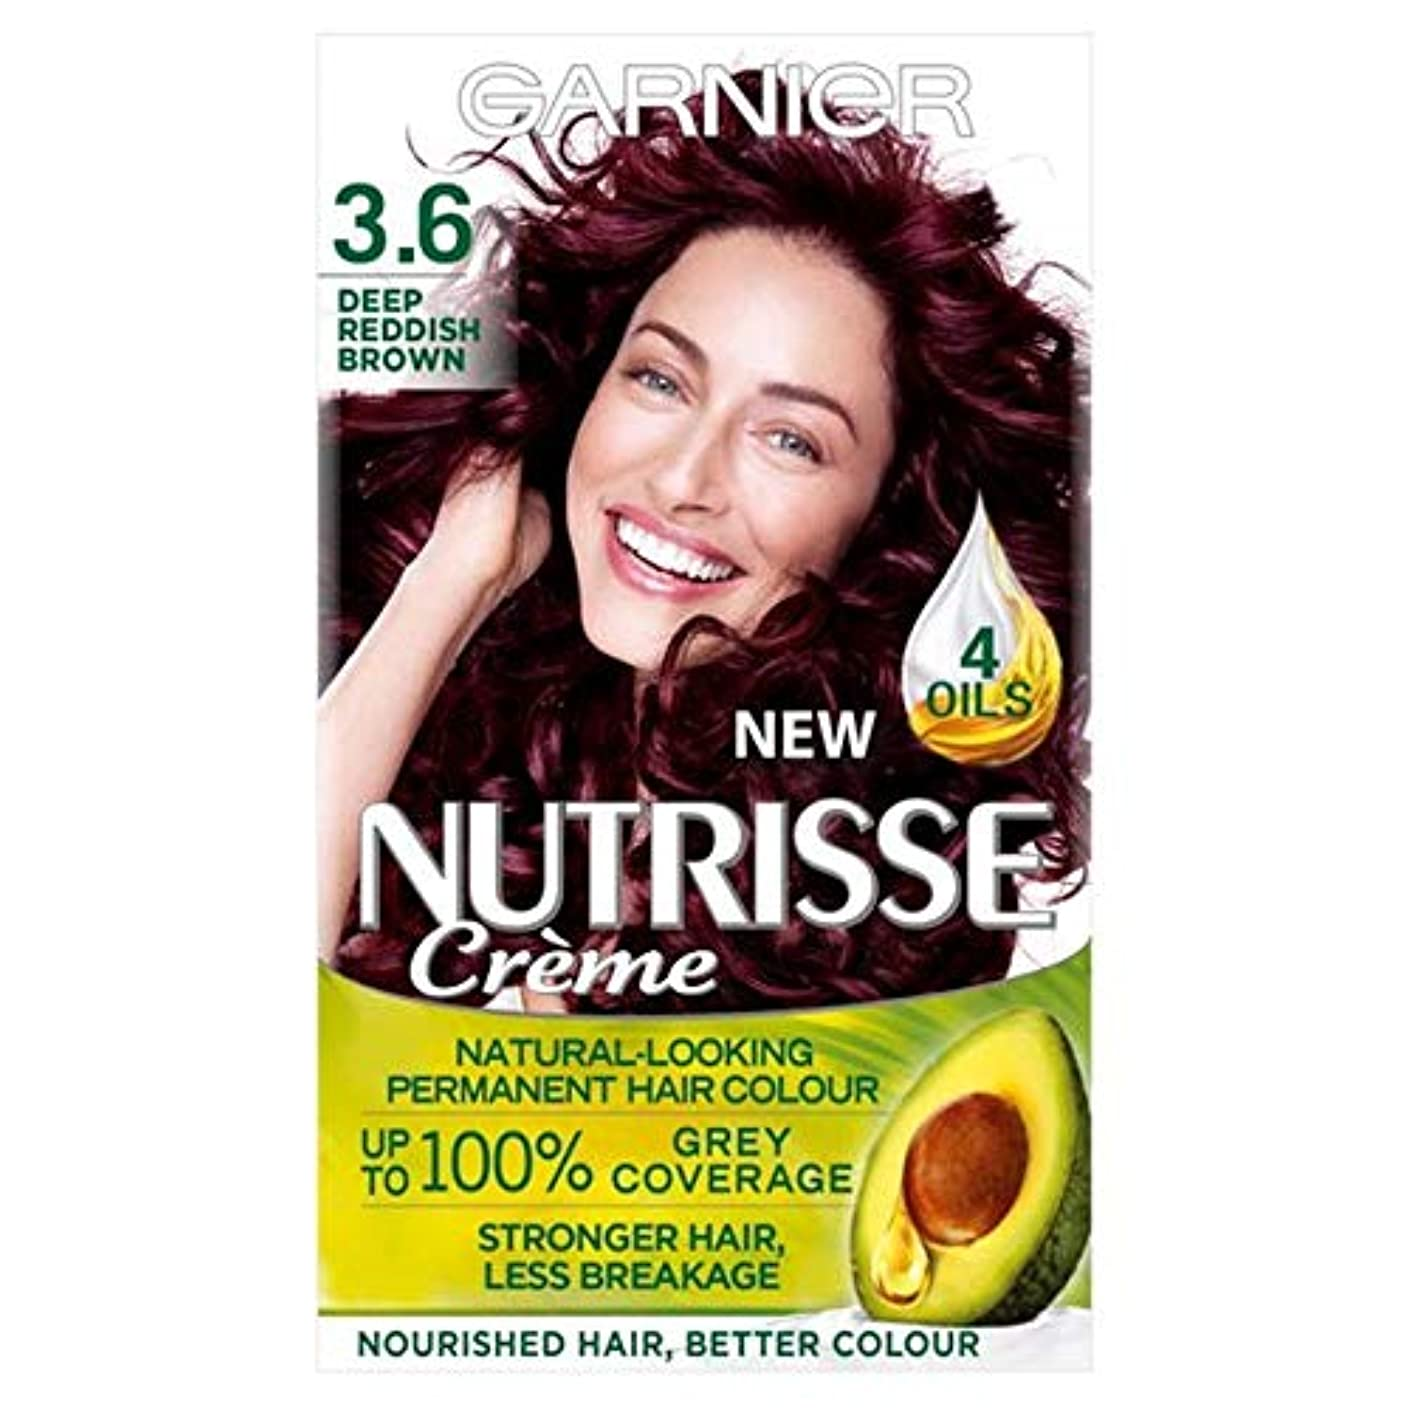 器具統治する関連する[Nutrisse] 3.6深い赤褐色の永久染毛剤Nutrisseガルニエ - Garnier Nutrisse 3.6 Deep Reddish Brown Permanent Hair Dye [並行輸入品]